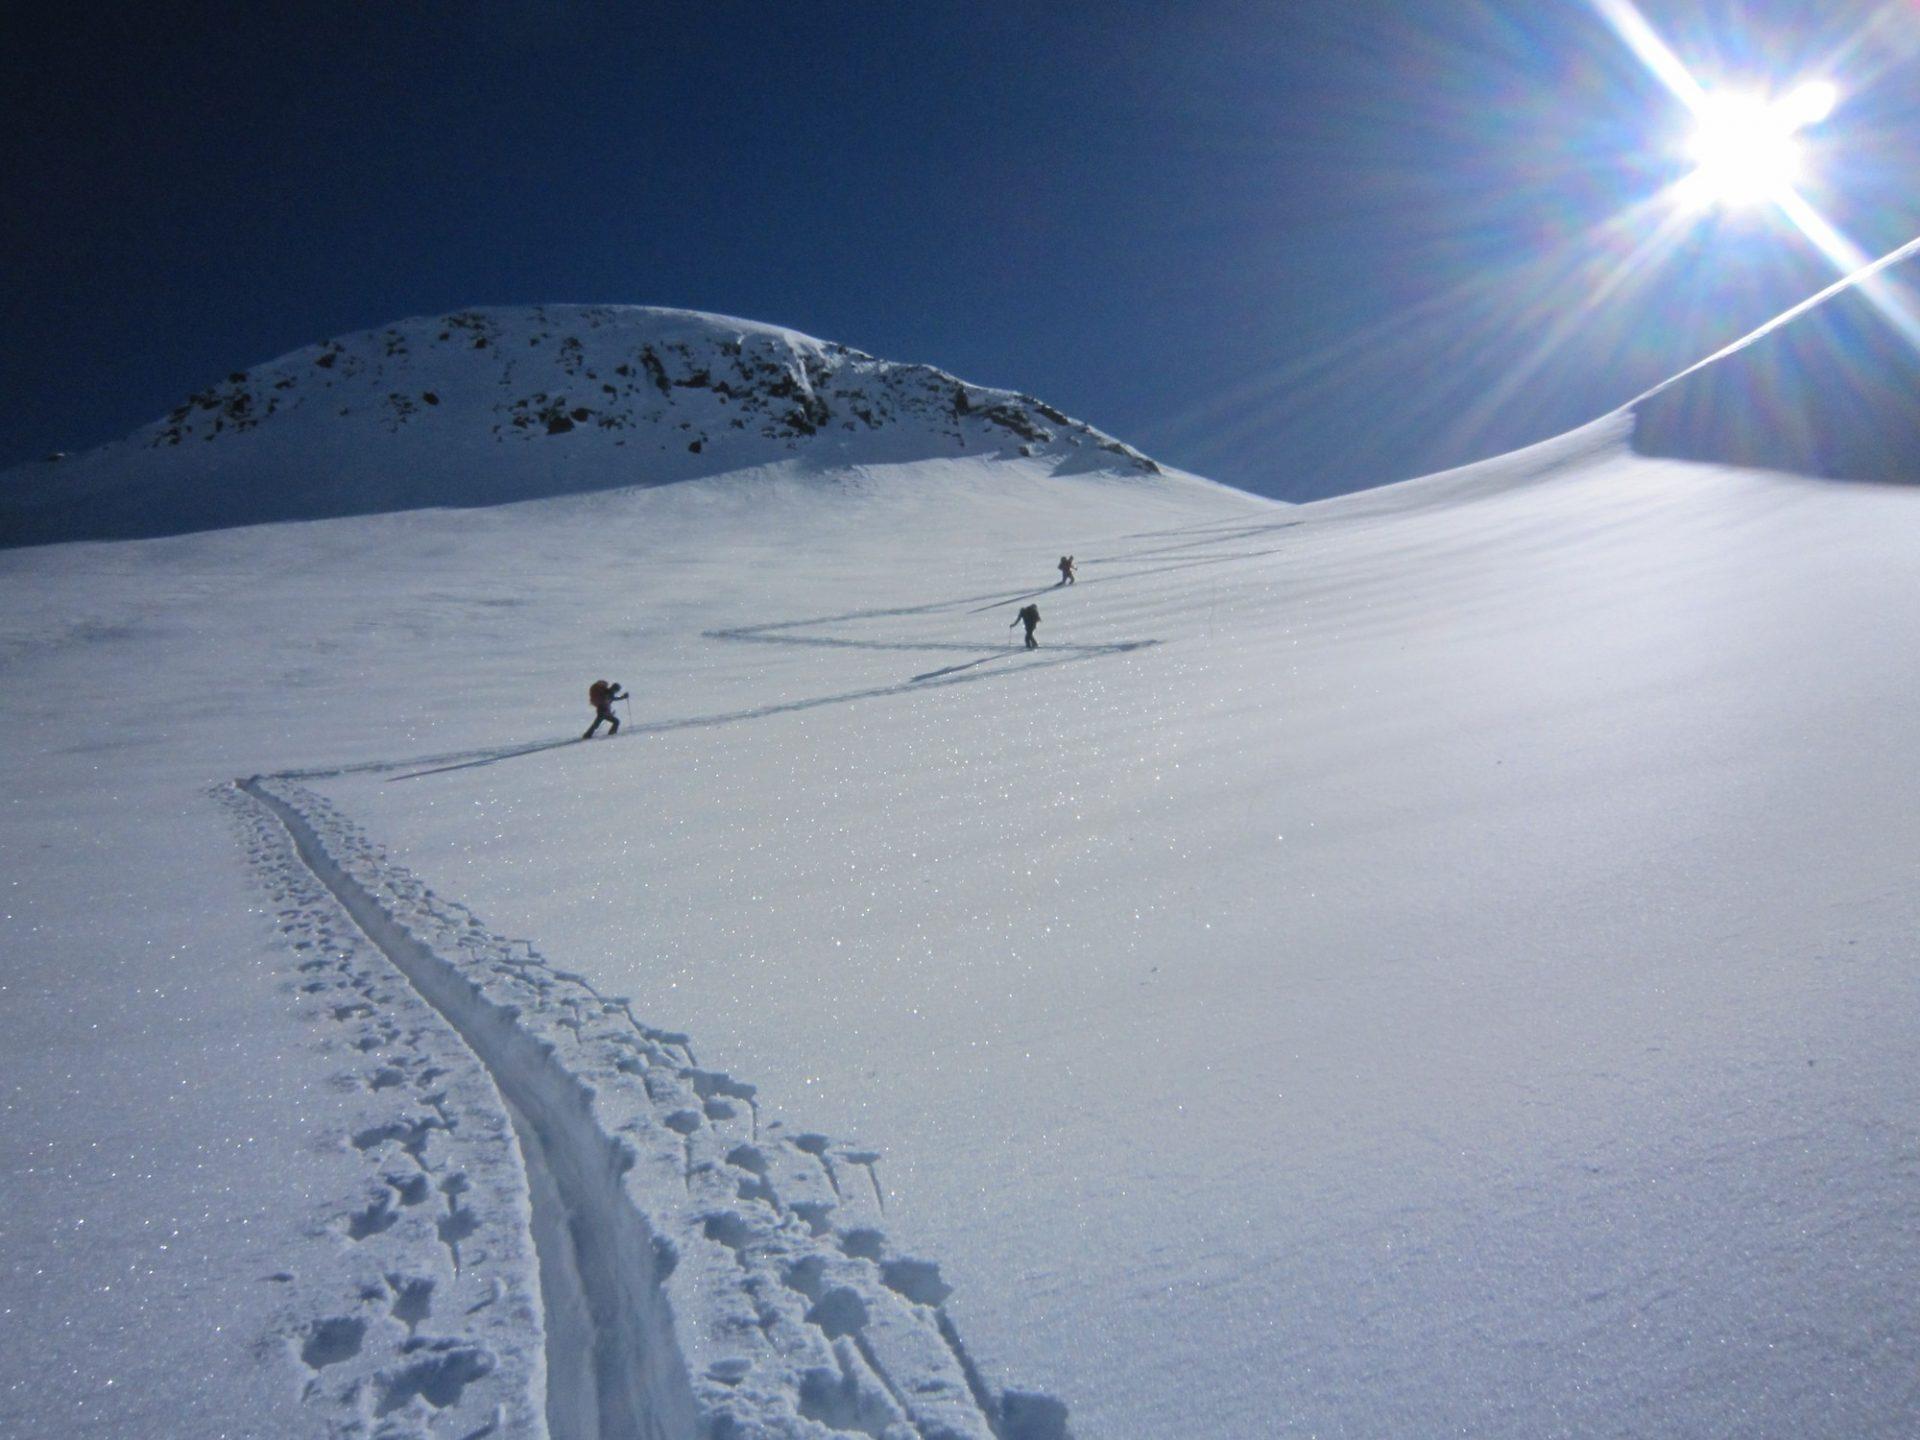 Bergsteigertipp: Spitzkehre